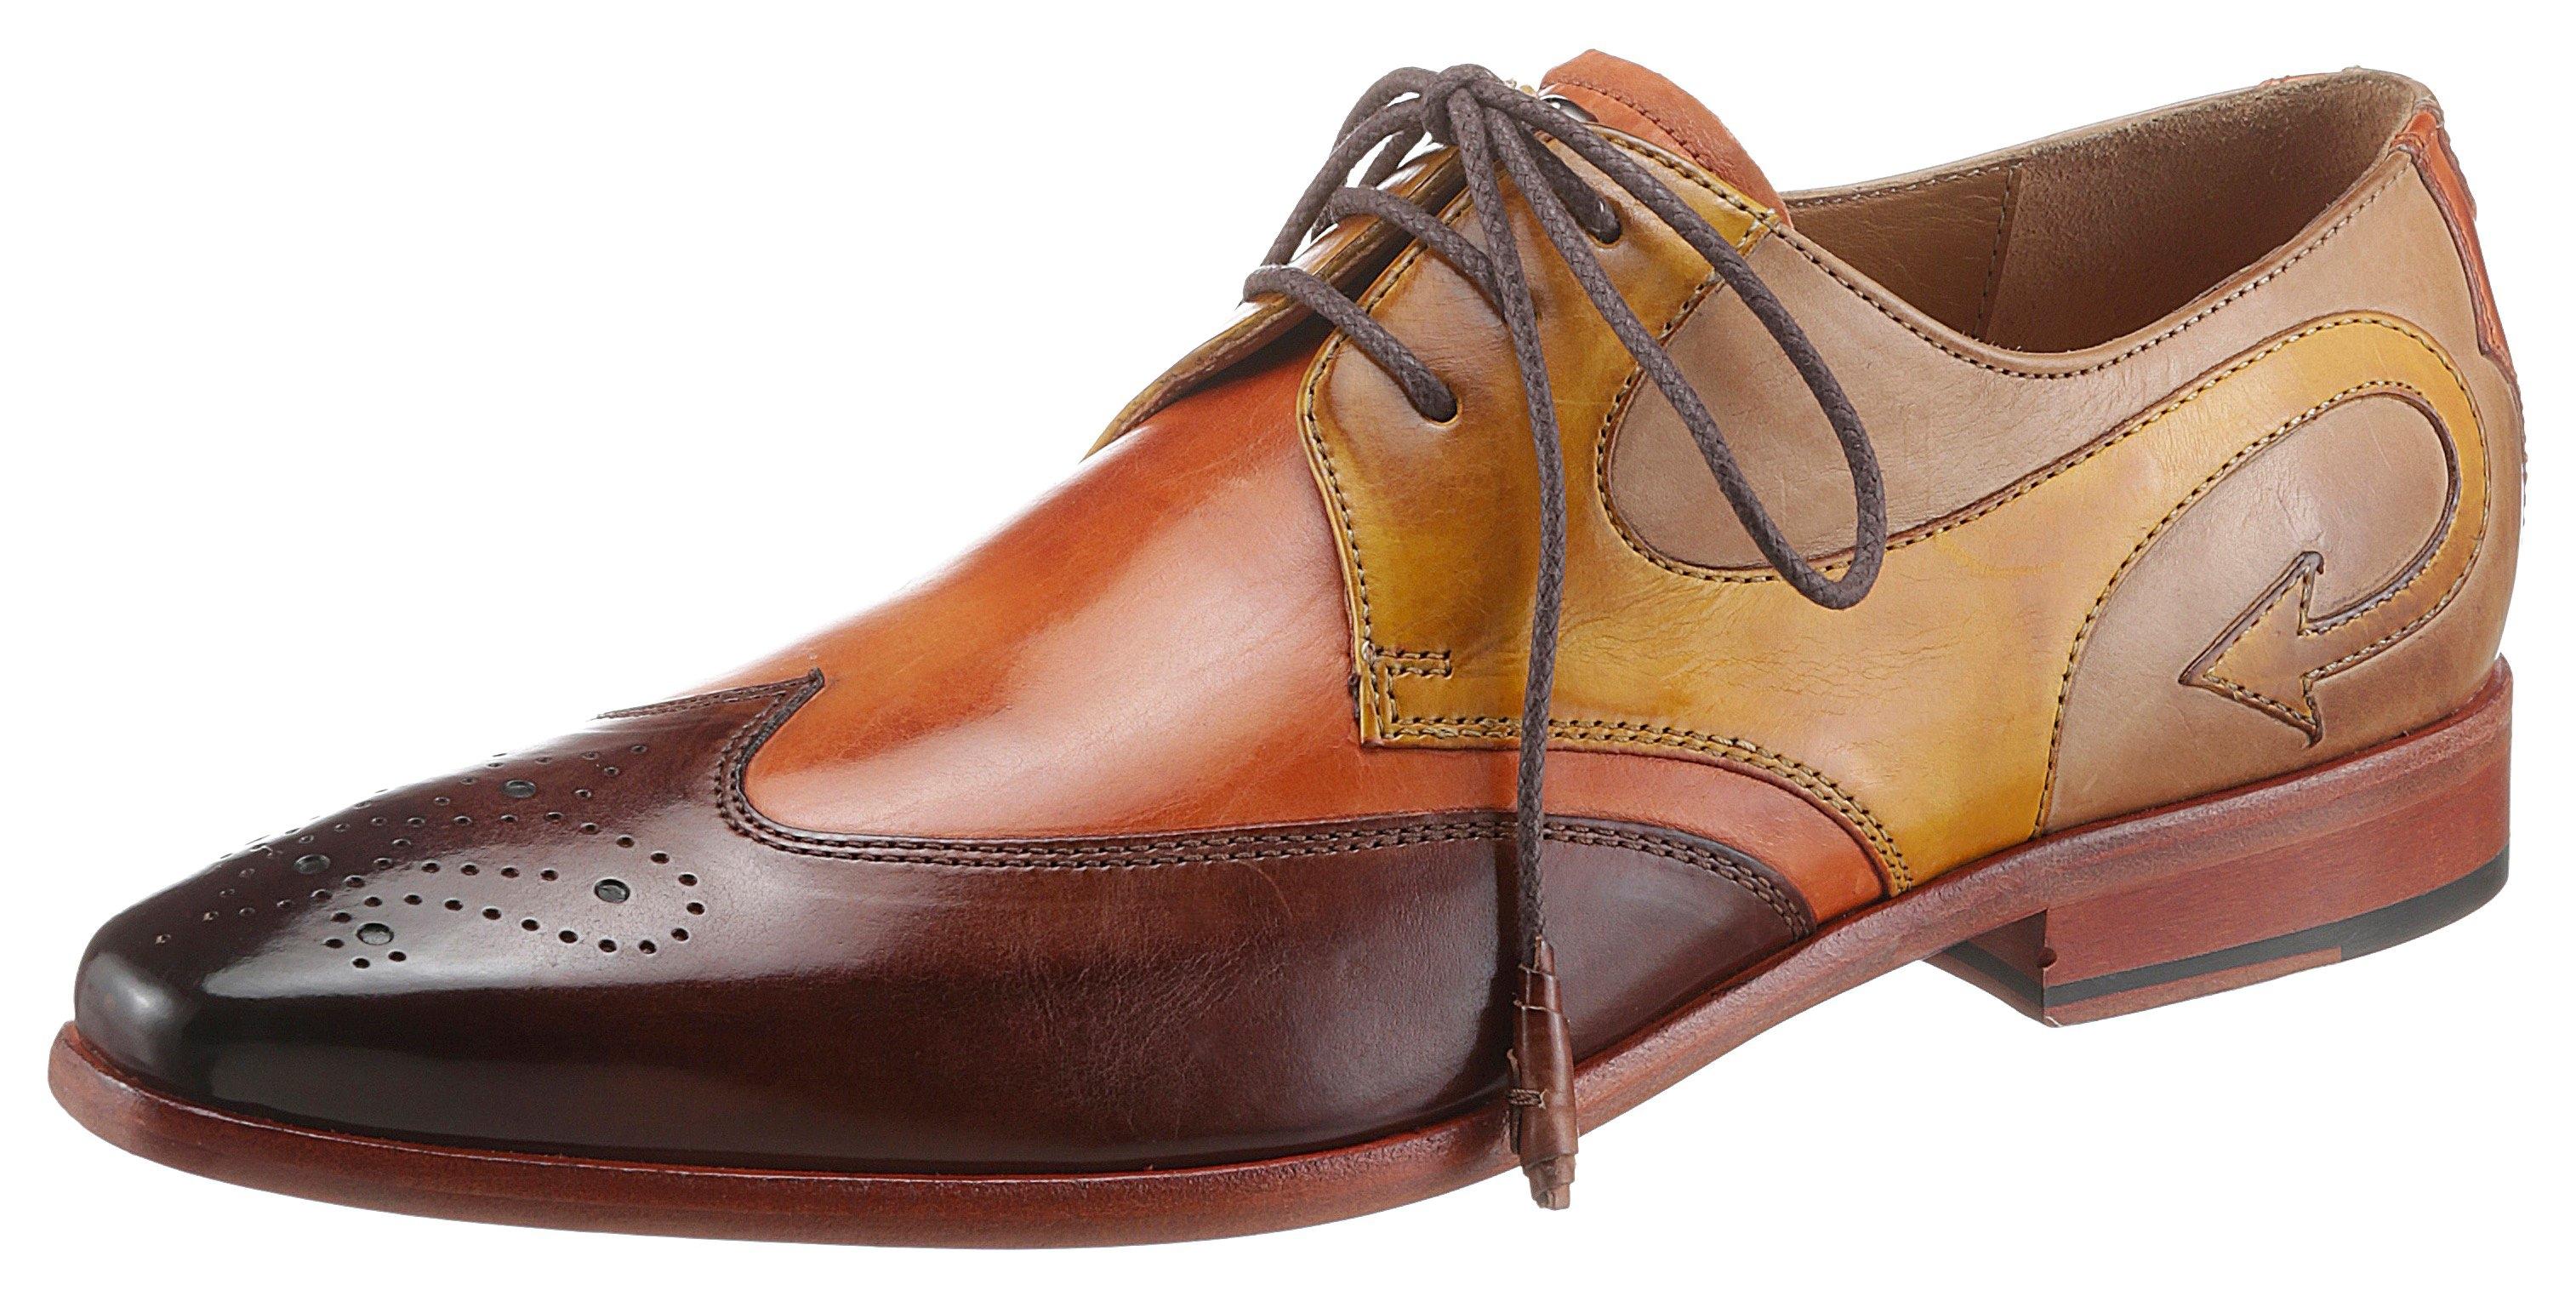 Melvin & Hamilton schoenen met perforatie Elvis 63 duurzaam met verborgen doodskop-stud veilig op otto.nl kopen